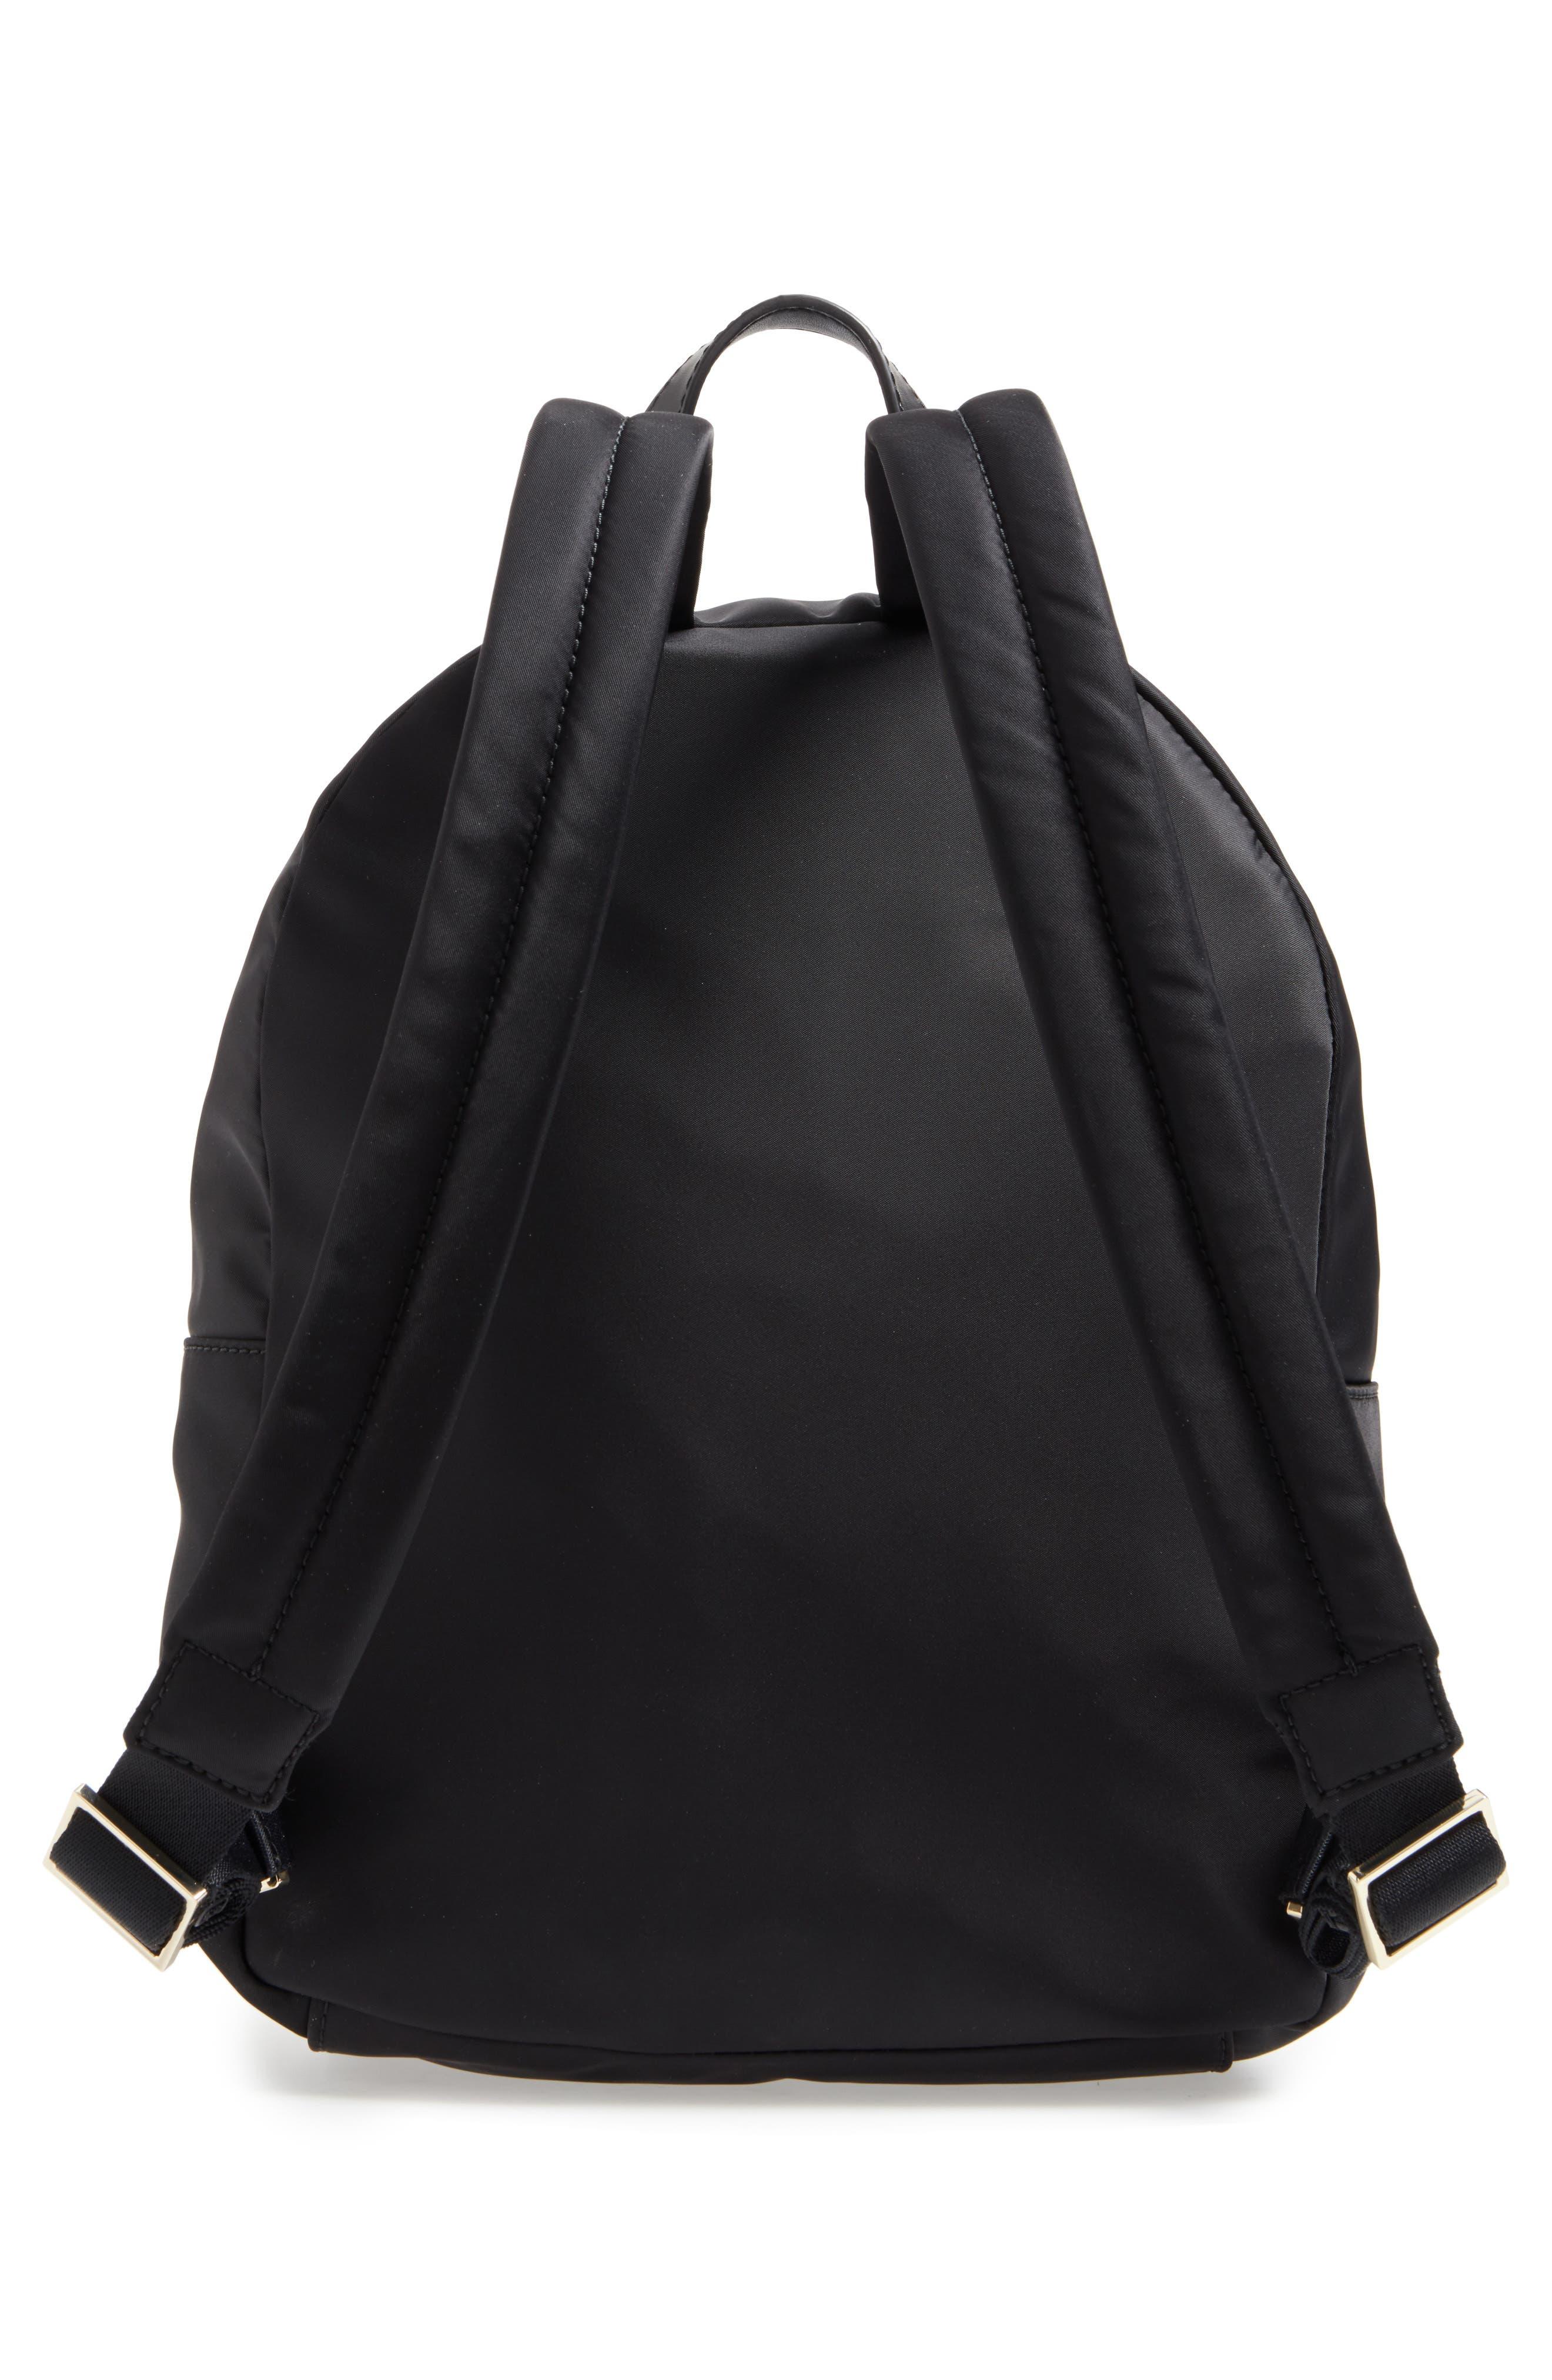 watson lane - hartley nylon backpack,                             Alternate thumbnail 3, color,                             BLACK